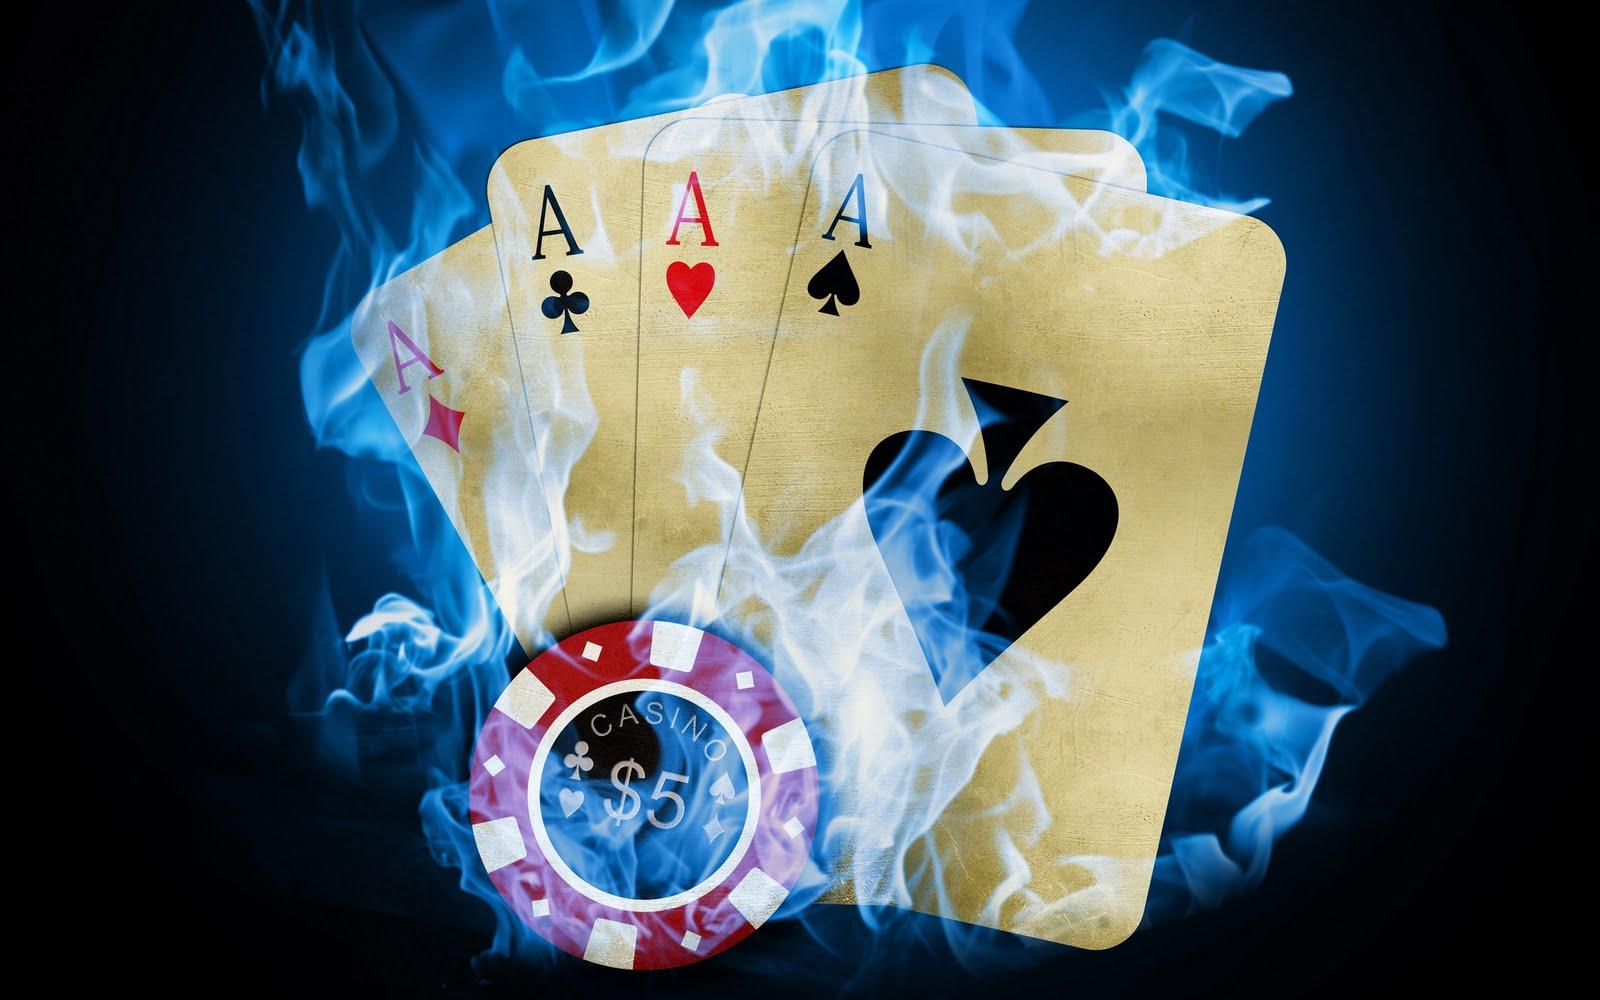 http://1.bp.blogspot.com/-nVnrXQEXWbU/TdtUdU0VvtI/AAAAAAAAAAc/7F1hbSeiXW0/s1600/digital-art-cards-wallpaper.jpg